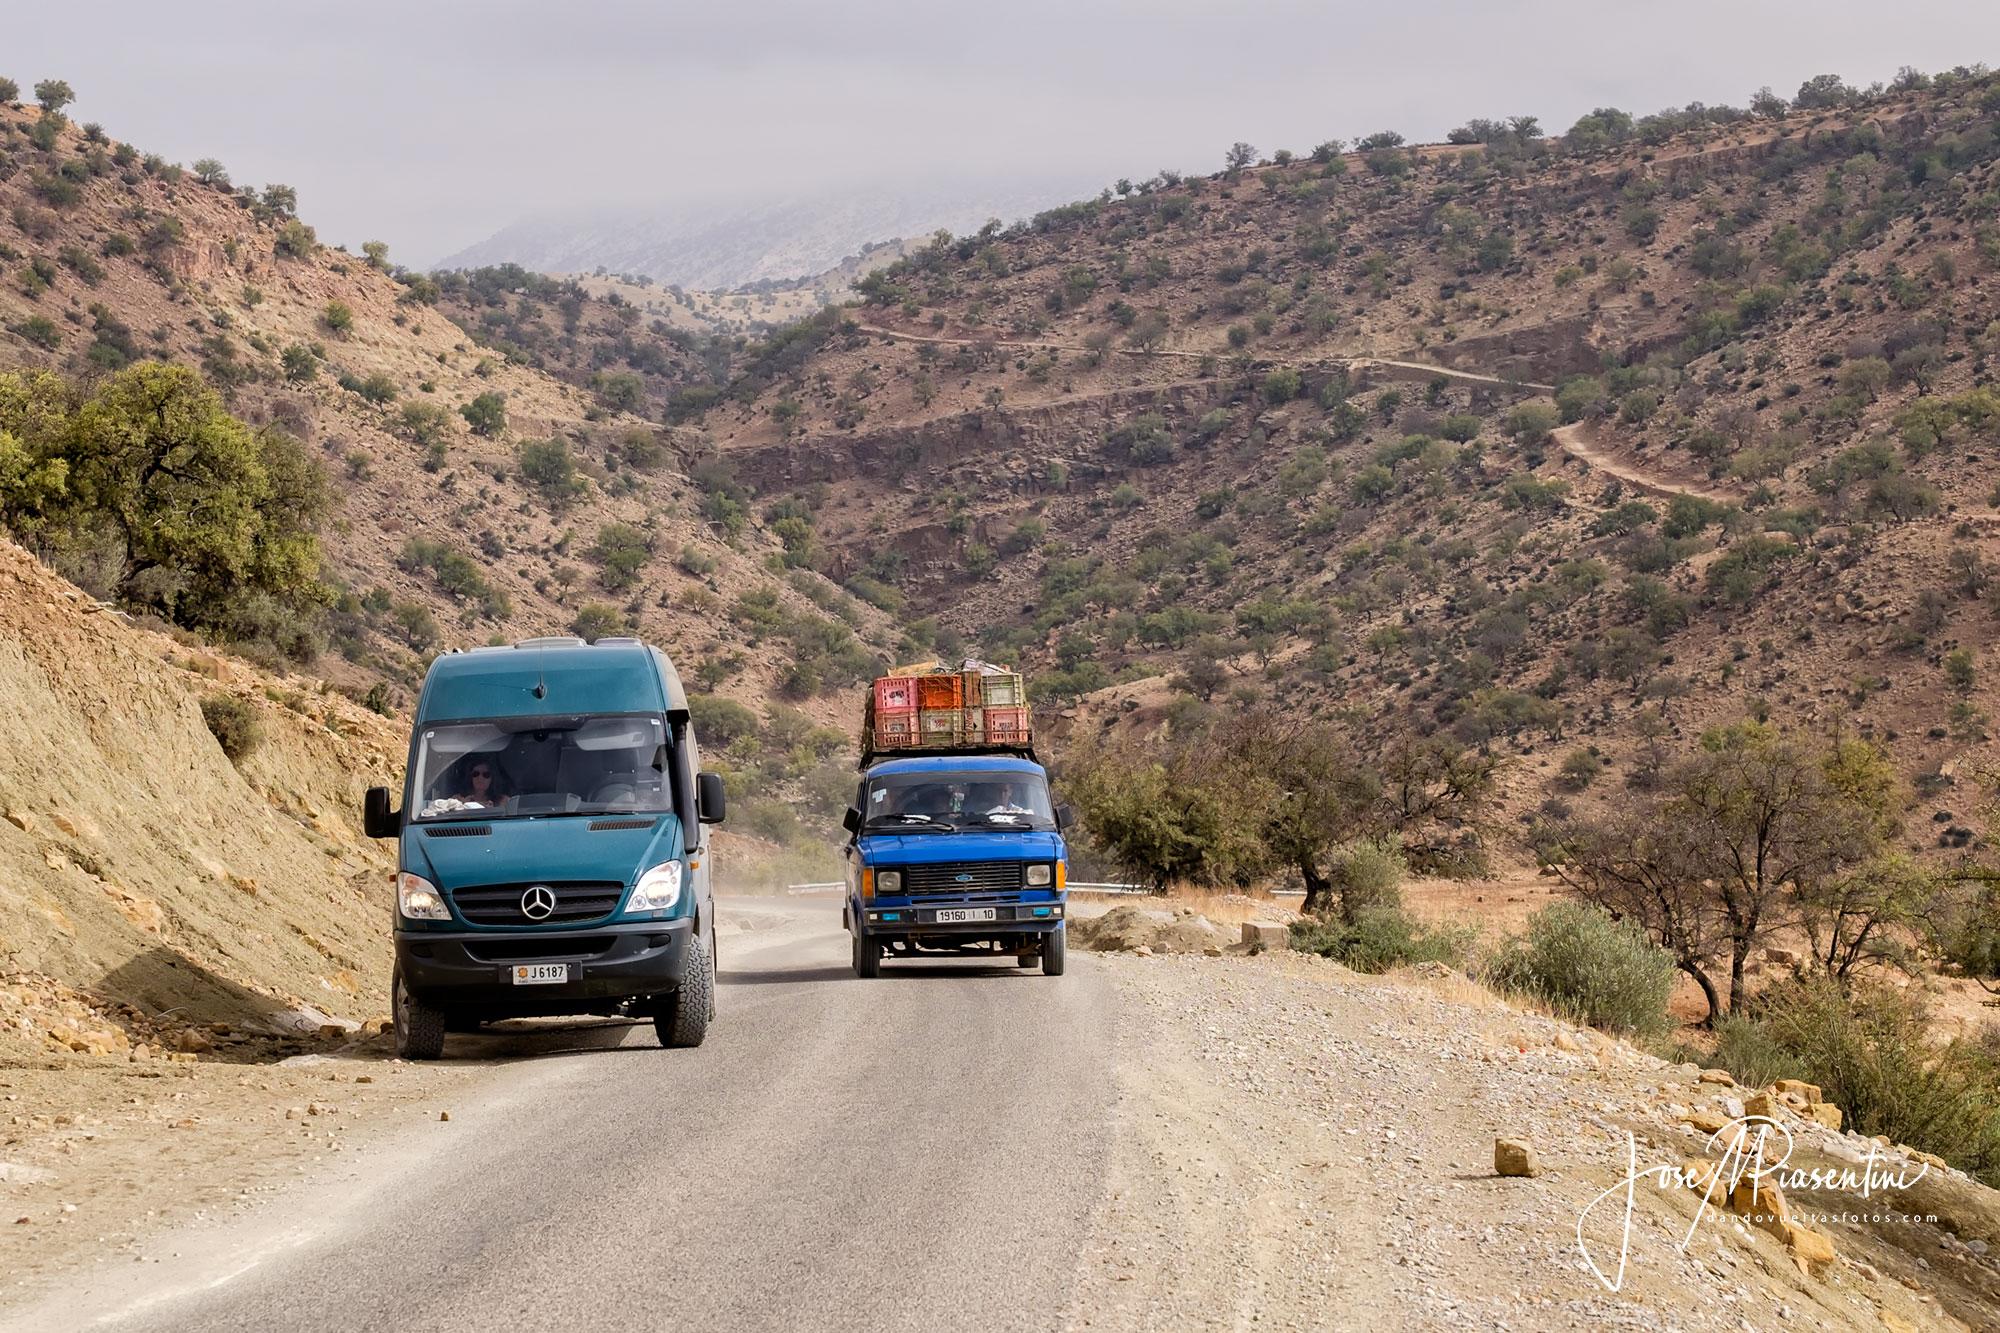 Maroc-en-furgo-4x4